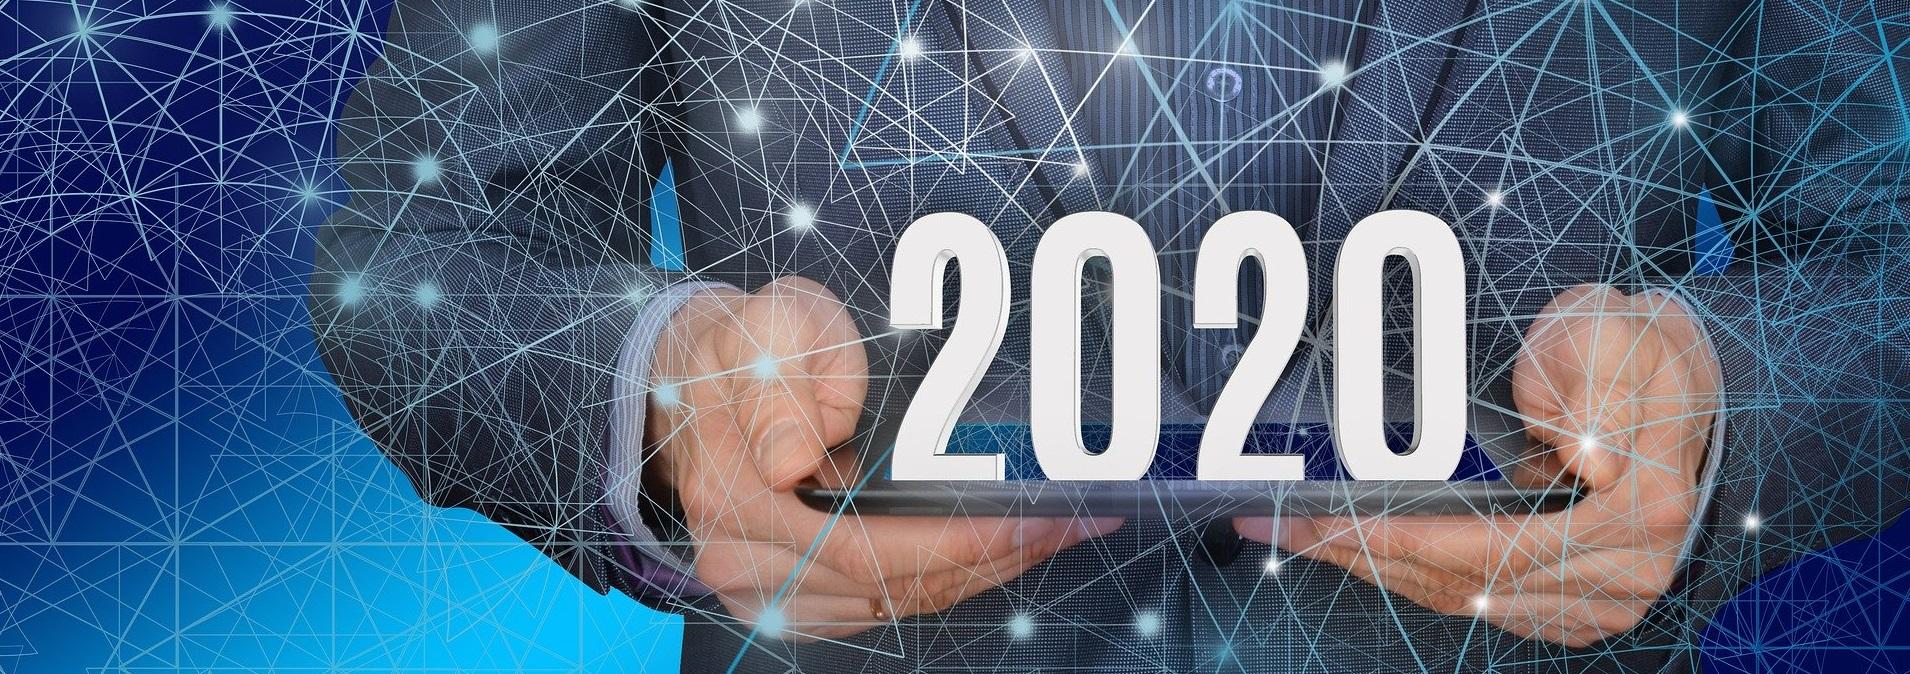 Bitdefender_2020_Cybersecurity_Predictions2